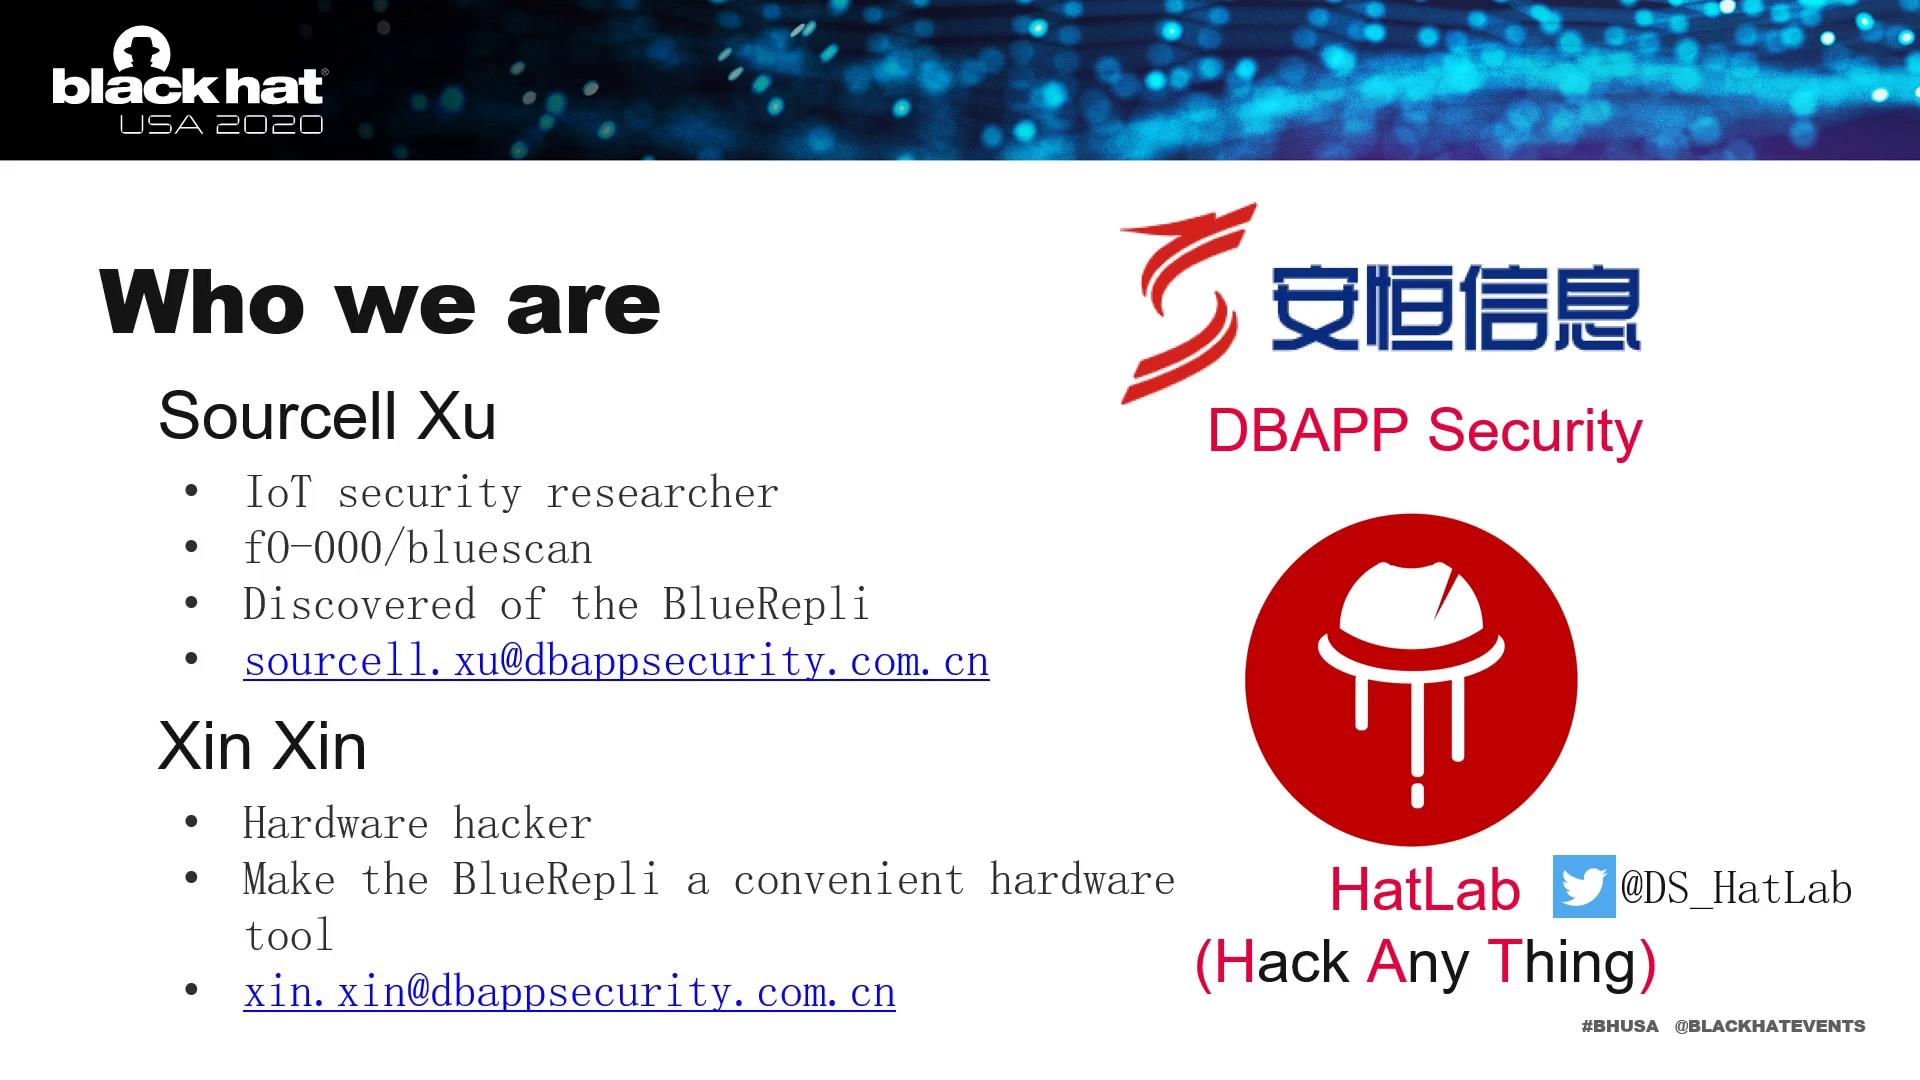 安恒信息再登全球Black Hat大会,公布蓝牙漏洞窃取Android用户隐私研究